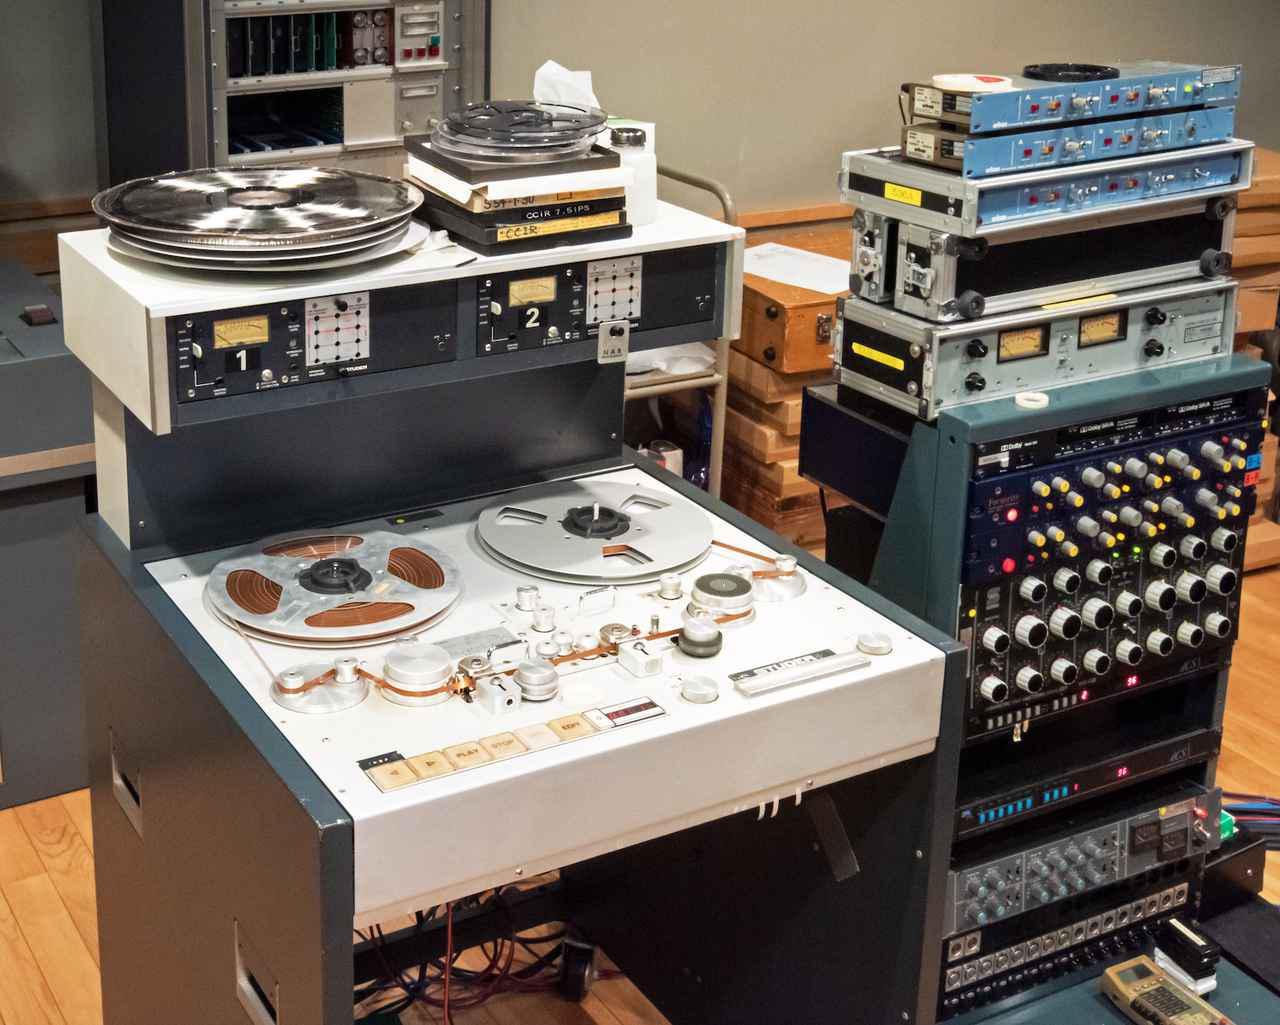 画像: 本作の制作のために使用されたアナログ素材用のマスターレコーダーは、調整の行き届いた「スチューダーA80」。SACDはマスター素材から音調整を施した上でダイレクトにDSD 2.8MHz化、CDはDSDからのダウンコンバートではなく、再度マスターテープを再生して器に相応しいマスタリングが新たに施されている。